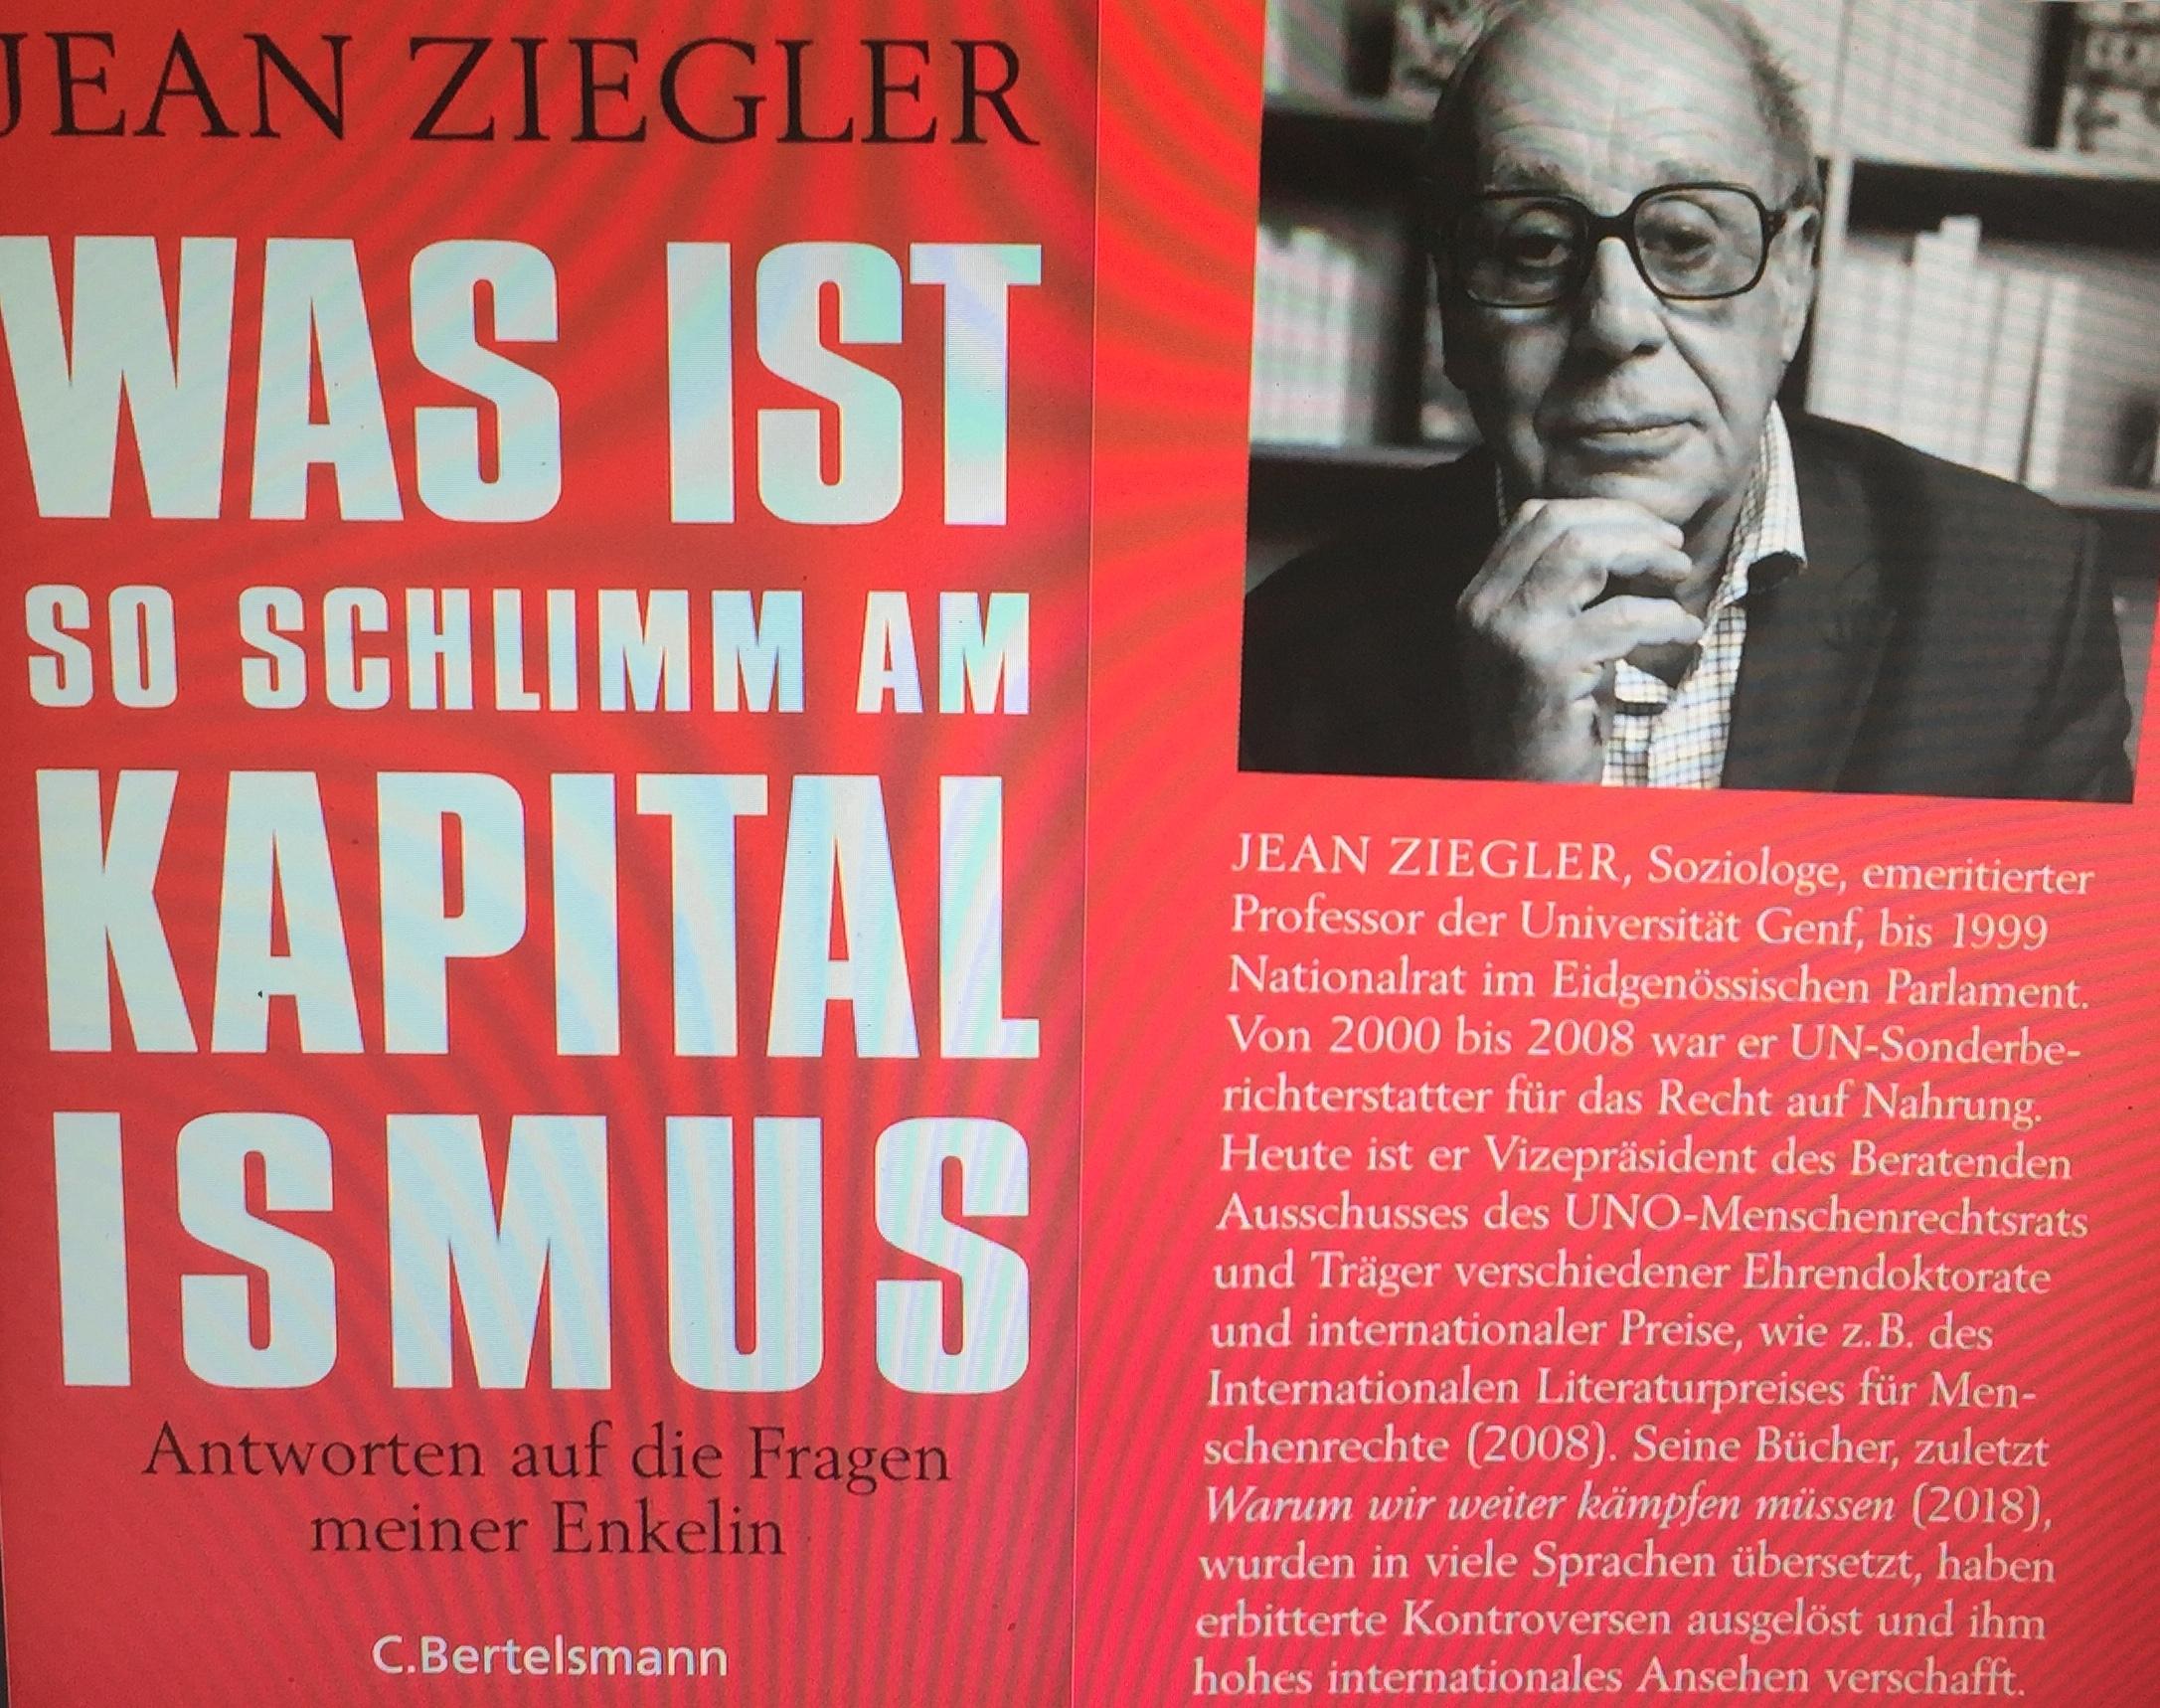 """Jean Ziegler, Buch """"Was ist so schlimm am Kapitalismus? - Antworten auf die Fragen meiner Enkelin"""" (Bertelsmann), Verena Daum www.progression.at"""